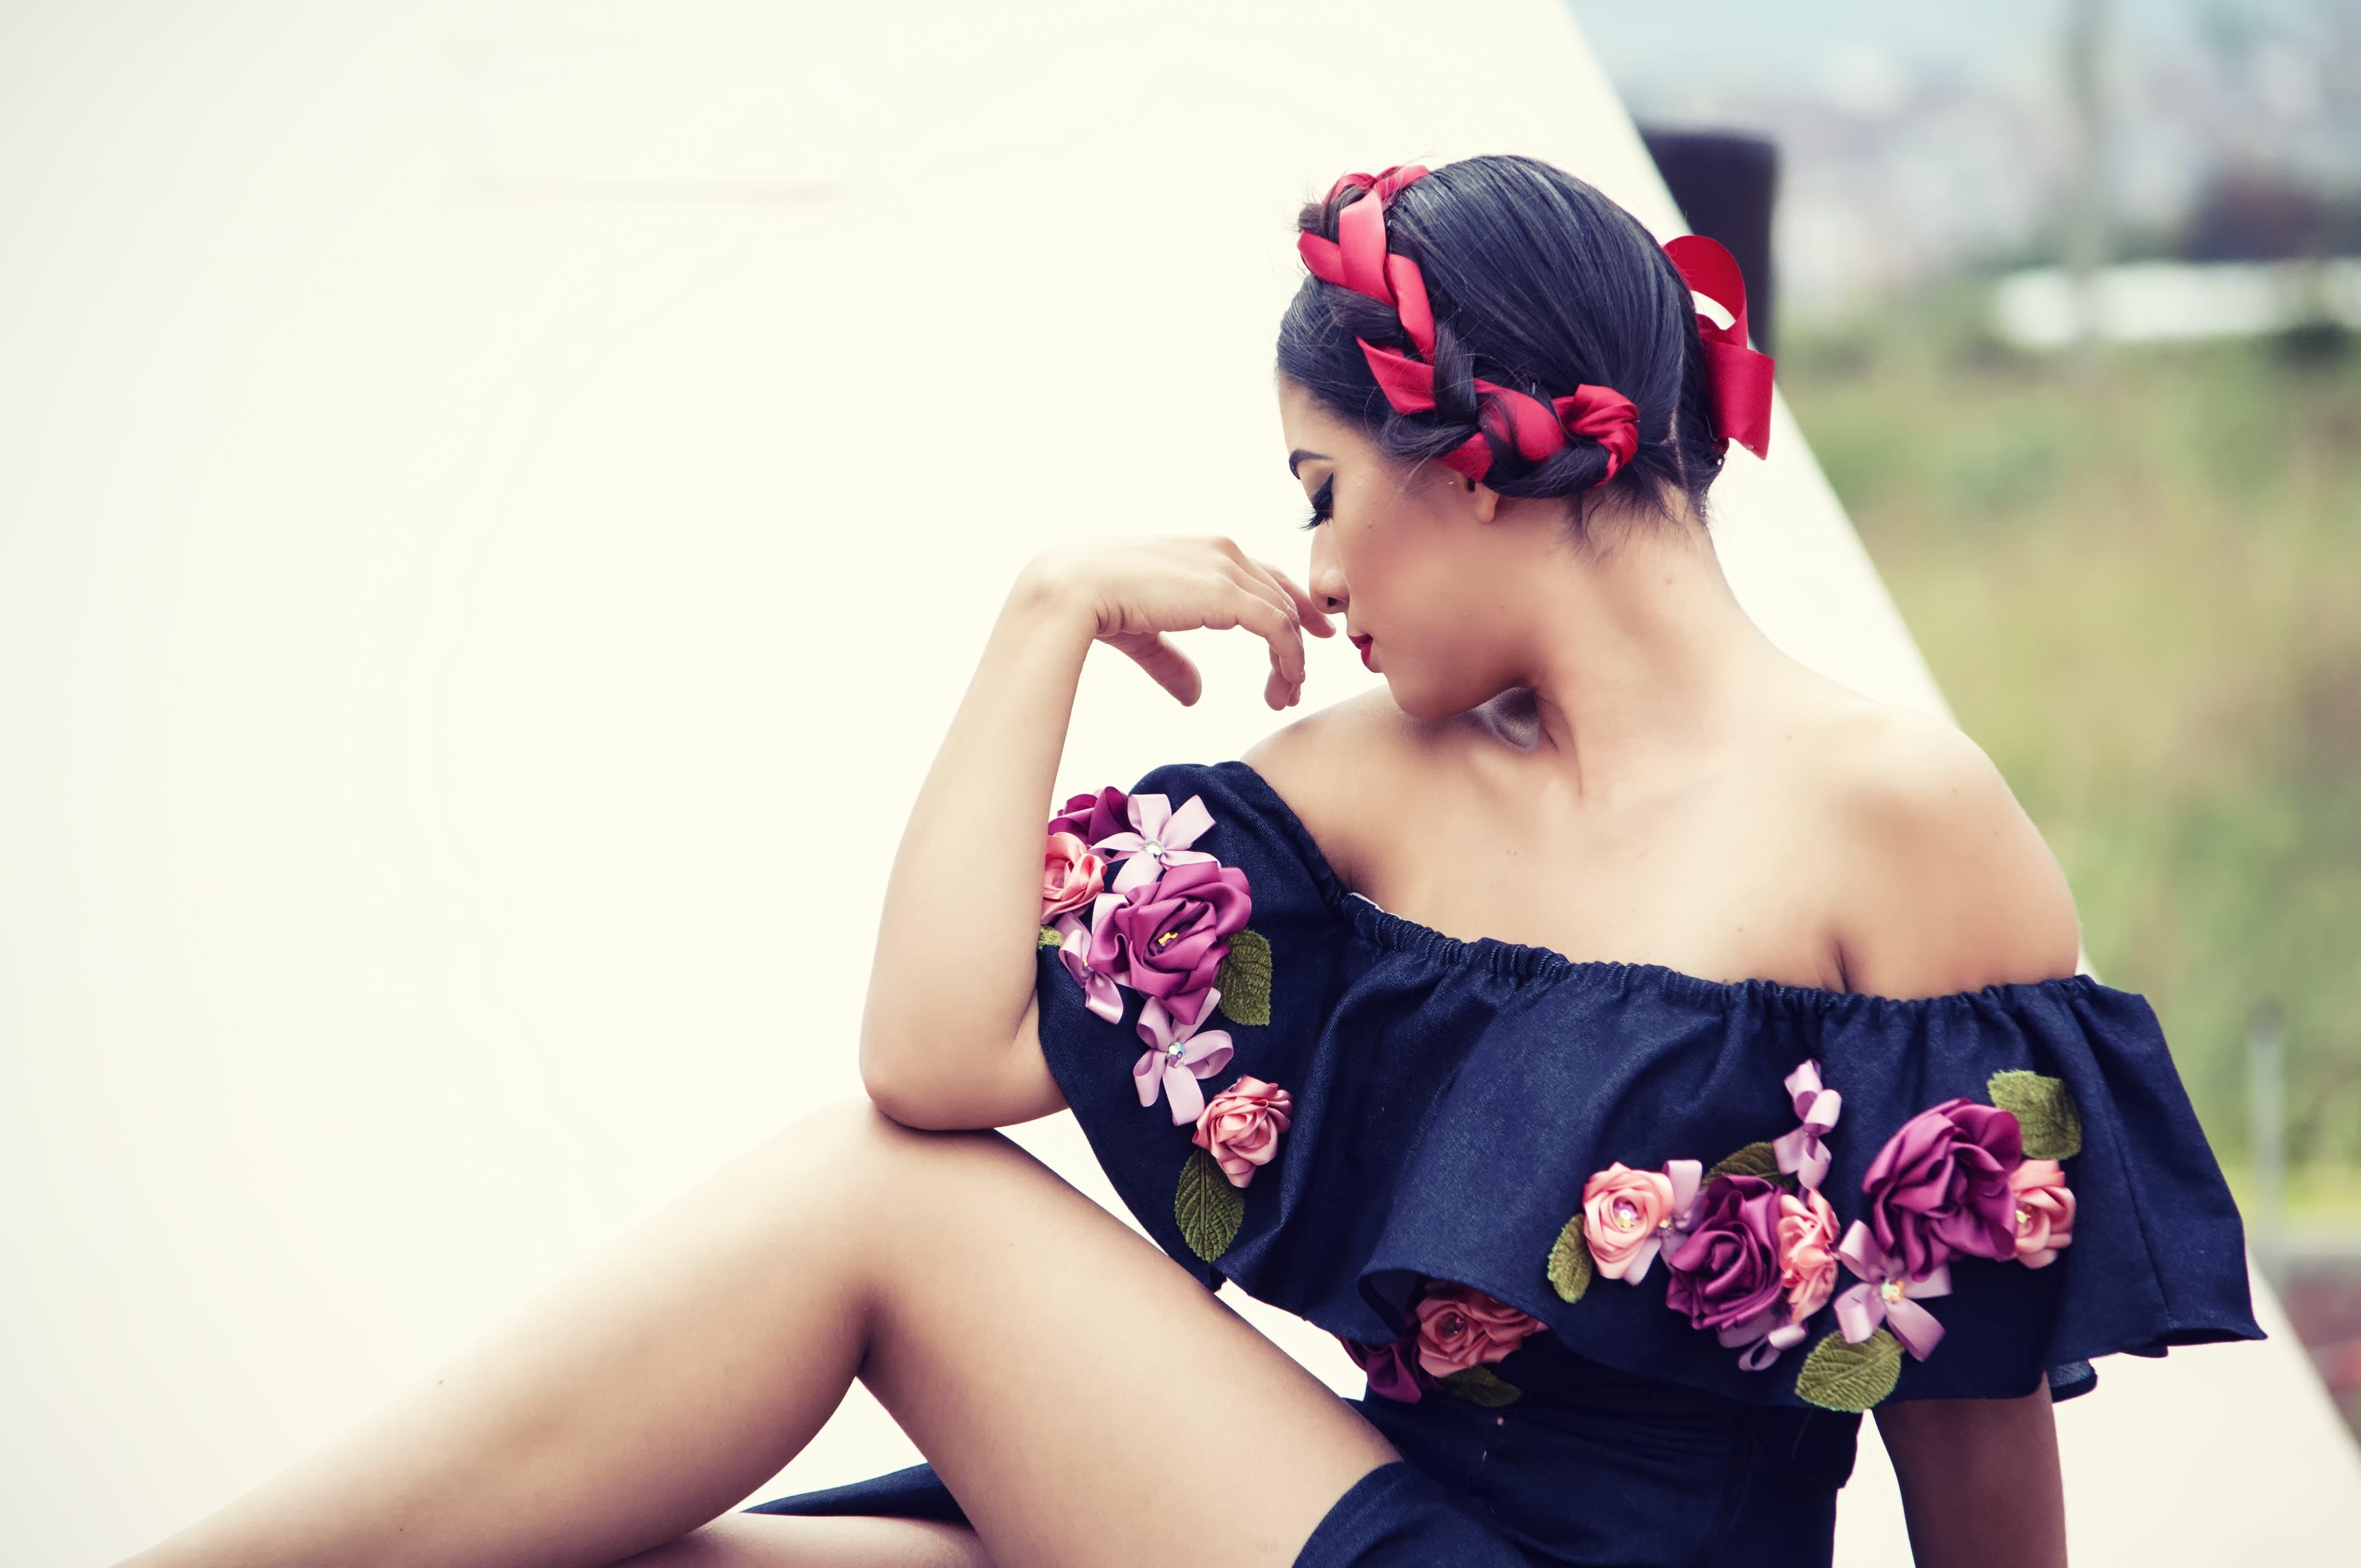 Gratis arkivbilde med blomster, bruke, jente, kjole